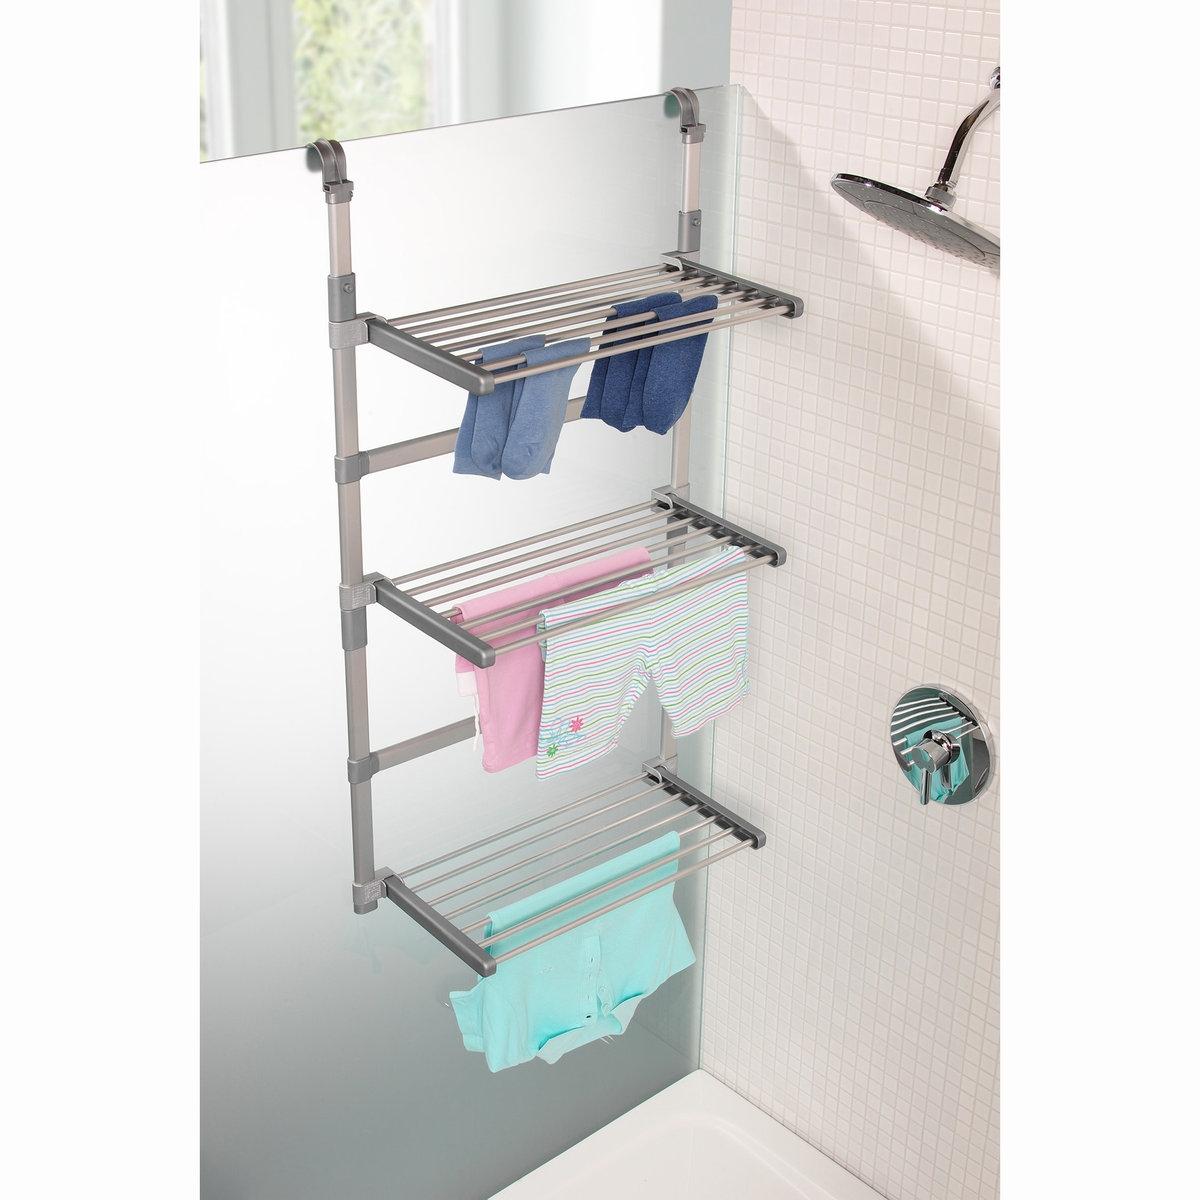 Сушилка для белья модульная, Ar?gloТрехуровневая сушилка для полотенец, губок и мелкого белья позволяет сэкономить пространство в душевой кабине.Характеристики модульной сушилки для белья Ar?glo:3 уровня, каждый из которых складывается и адаптируется по высоте.Крепится к стене ванной или боковой поверхности душевой кабины.Каркас из алюминия и пластика.Длина сушильной поверхности: 9 метров.Найдите коллекцию для хранения вещей на сайте laredoute.ru.Размеры модульной сушилки для белья Ar?glo:Д. 50 x В. 95 - 135 x Г. 25 см0, 270 кг.<br><br>Цвет: серый серебристый